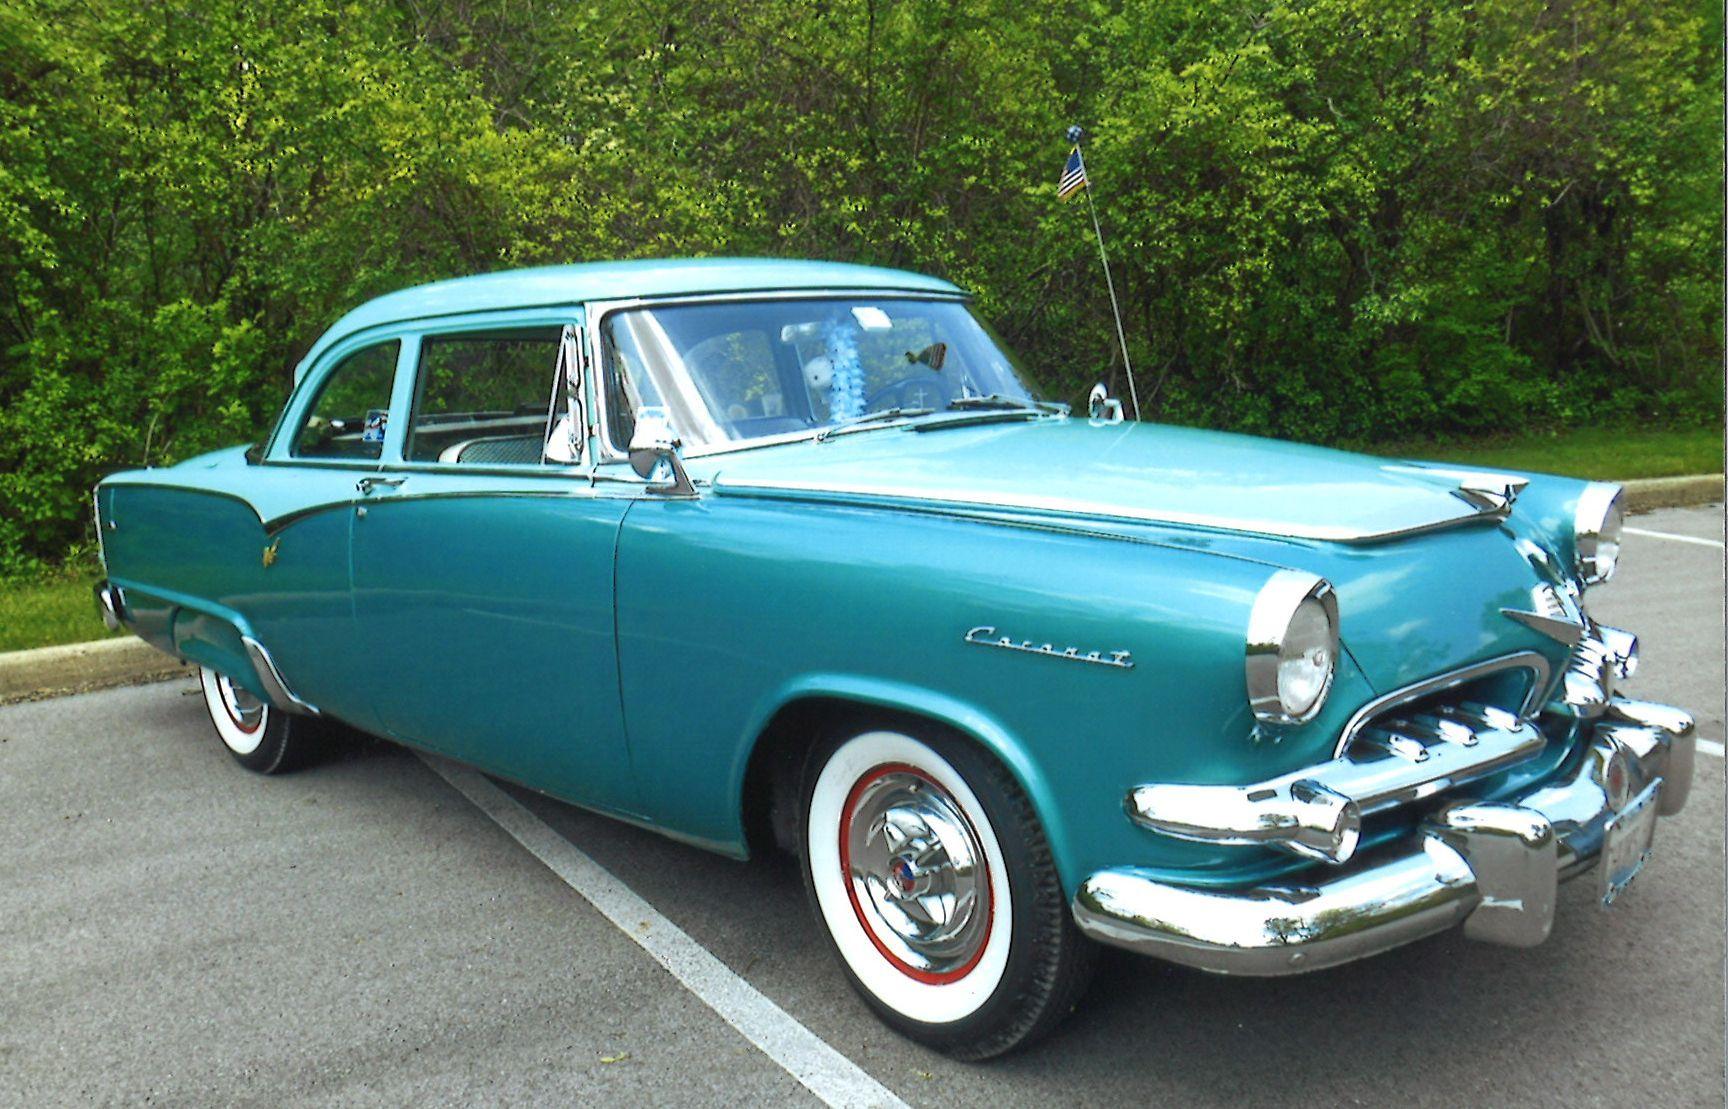 1955 dodge royal barn find for sale - 1955 Dodge Coronet For Sale 1955 Dodge Cars Pinterest Dodge Coronet And Cars